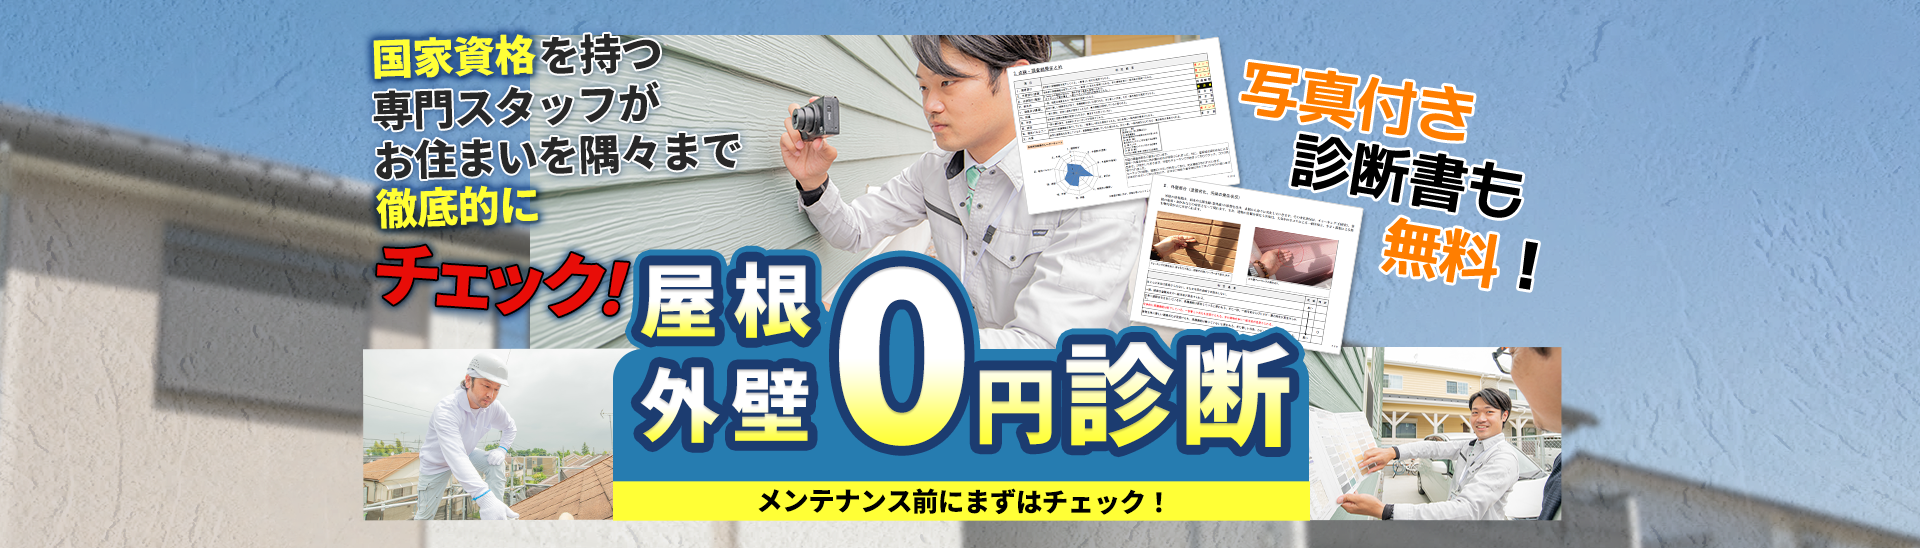 お住まいの屋根・外壁無料診断!写真付きの詳細な見積書、3種類の比較できる見積もりをご提示します!